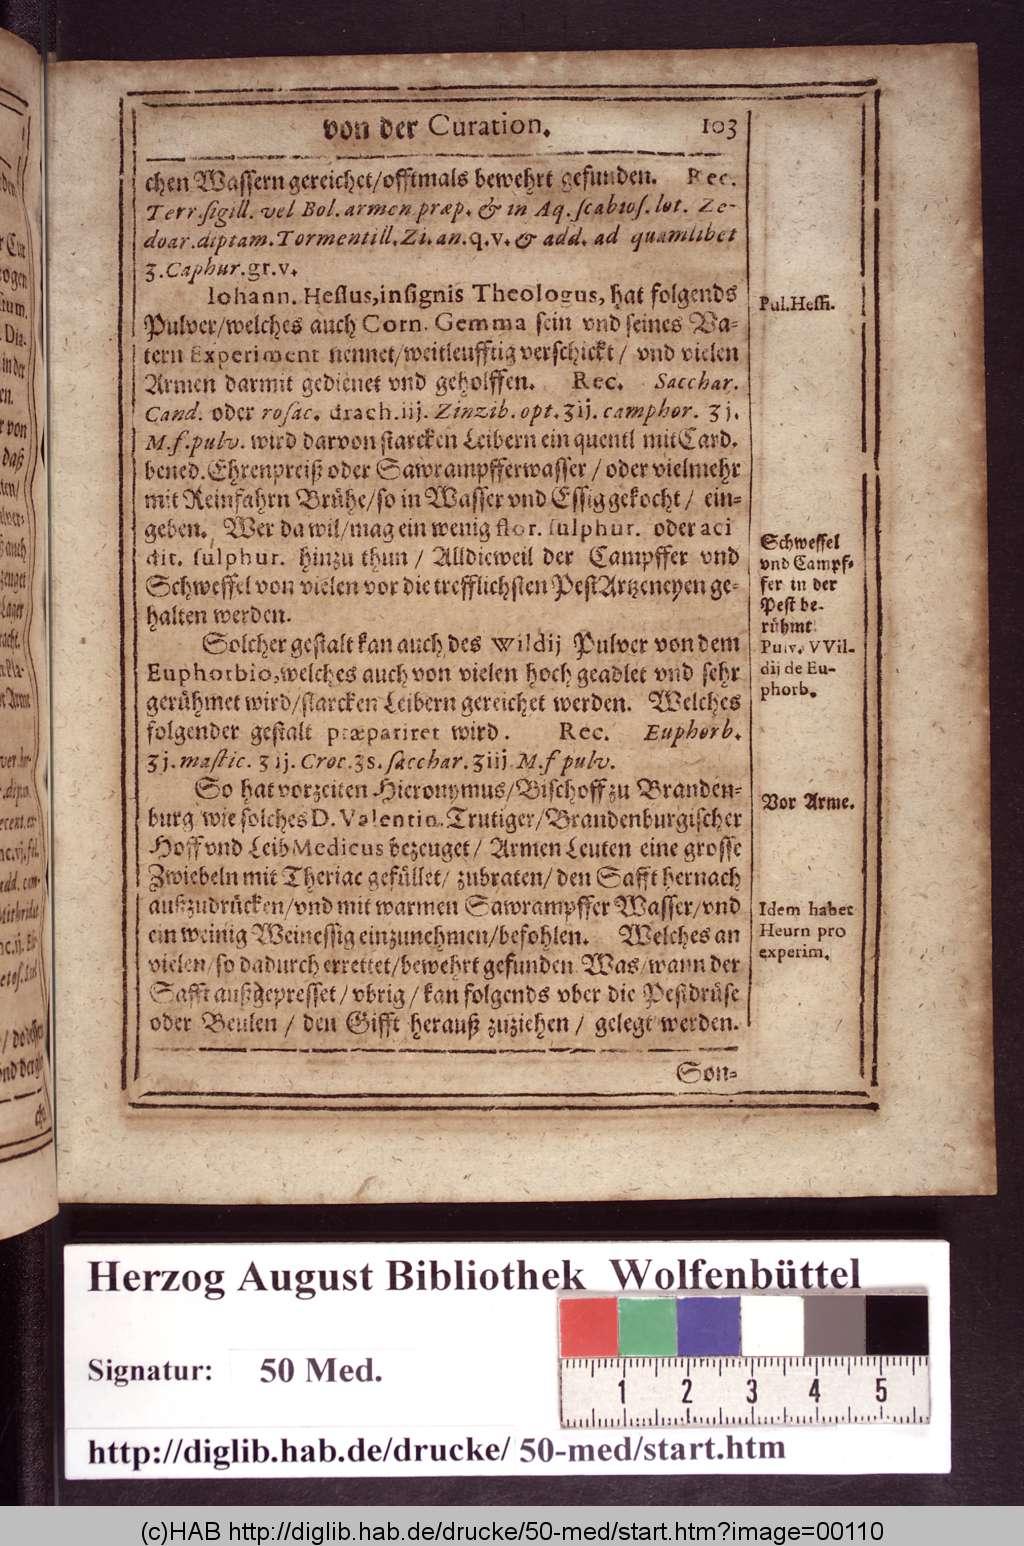 http://diglib.hab.de/drucke/50-med/00110.jpg